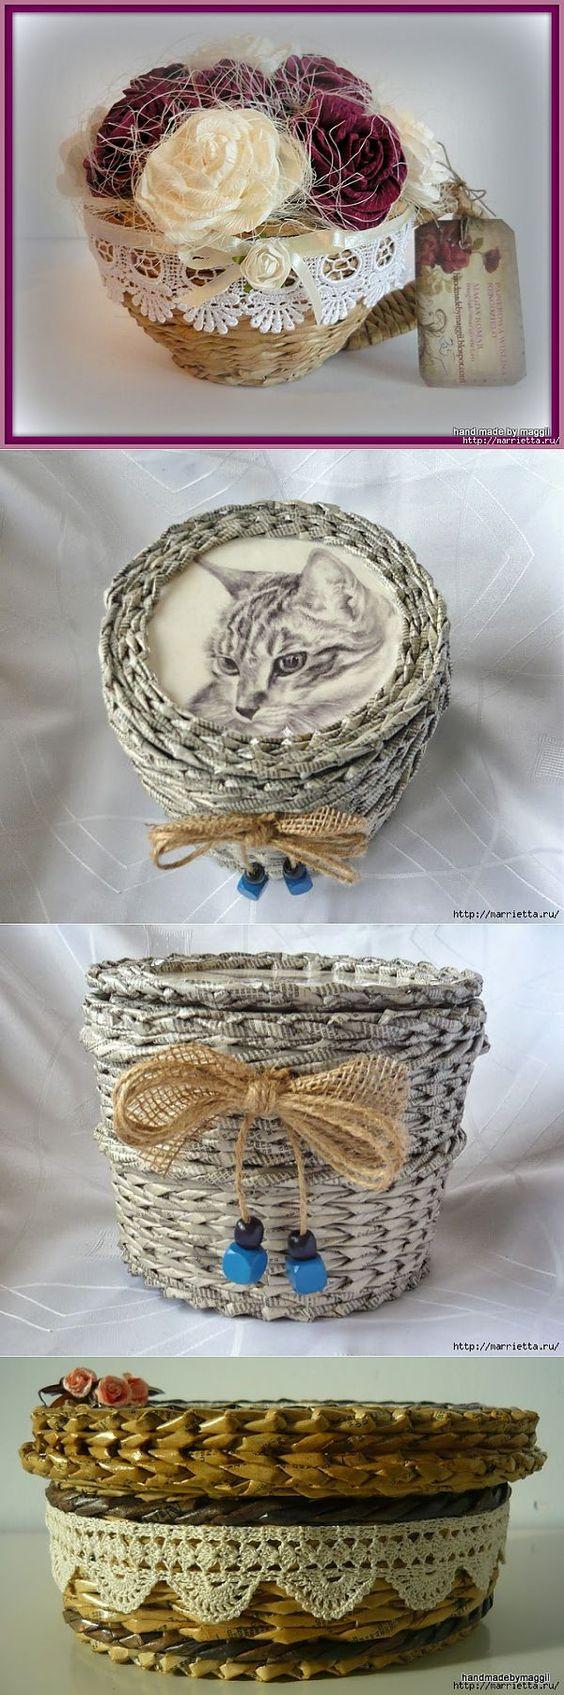 пошаговая инструкция по плетению квадратных корзин